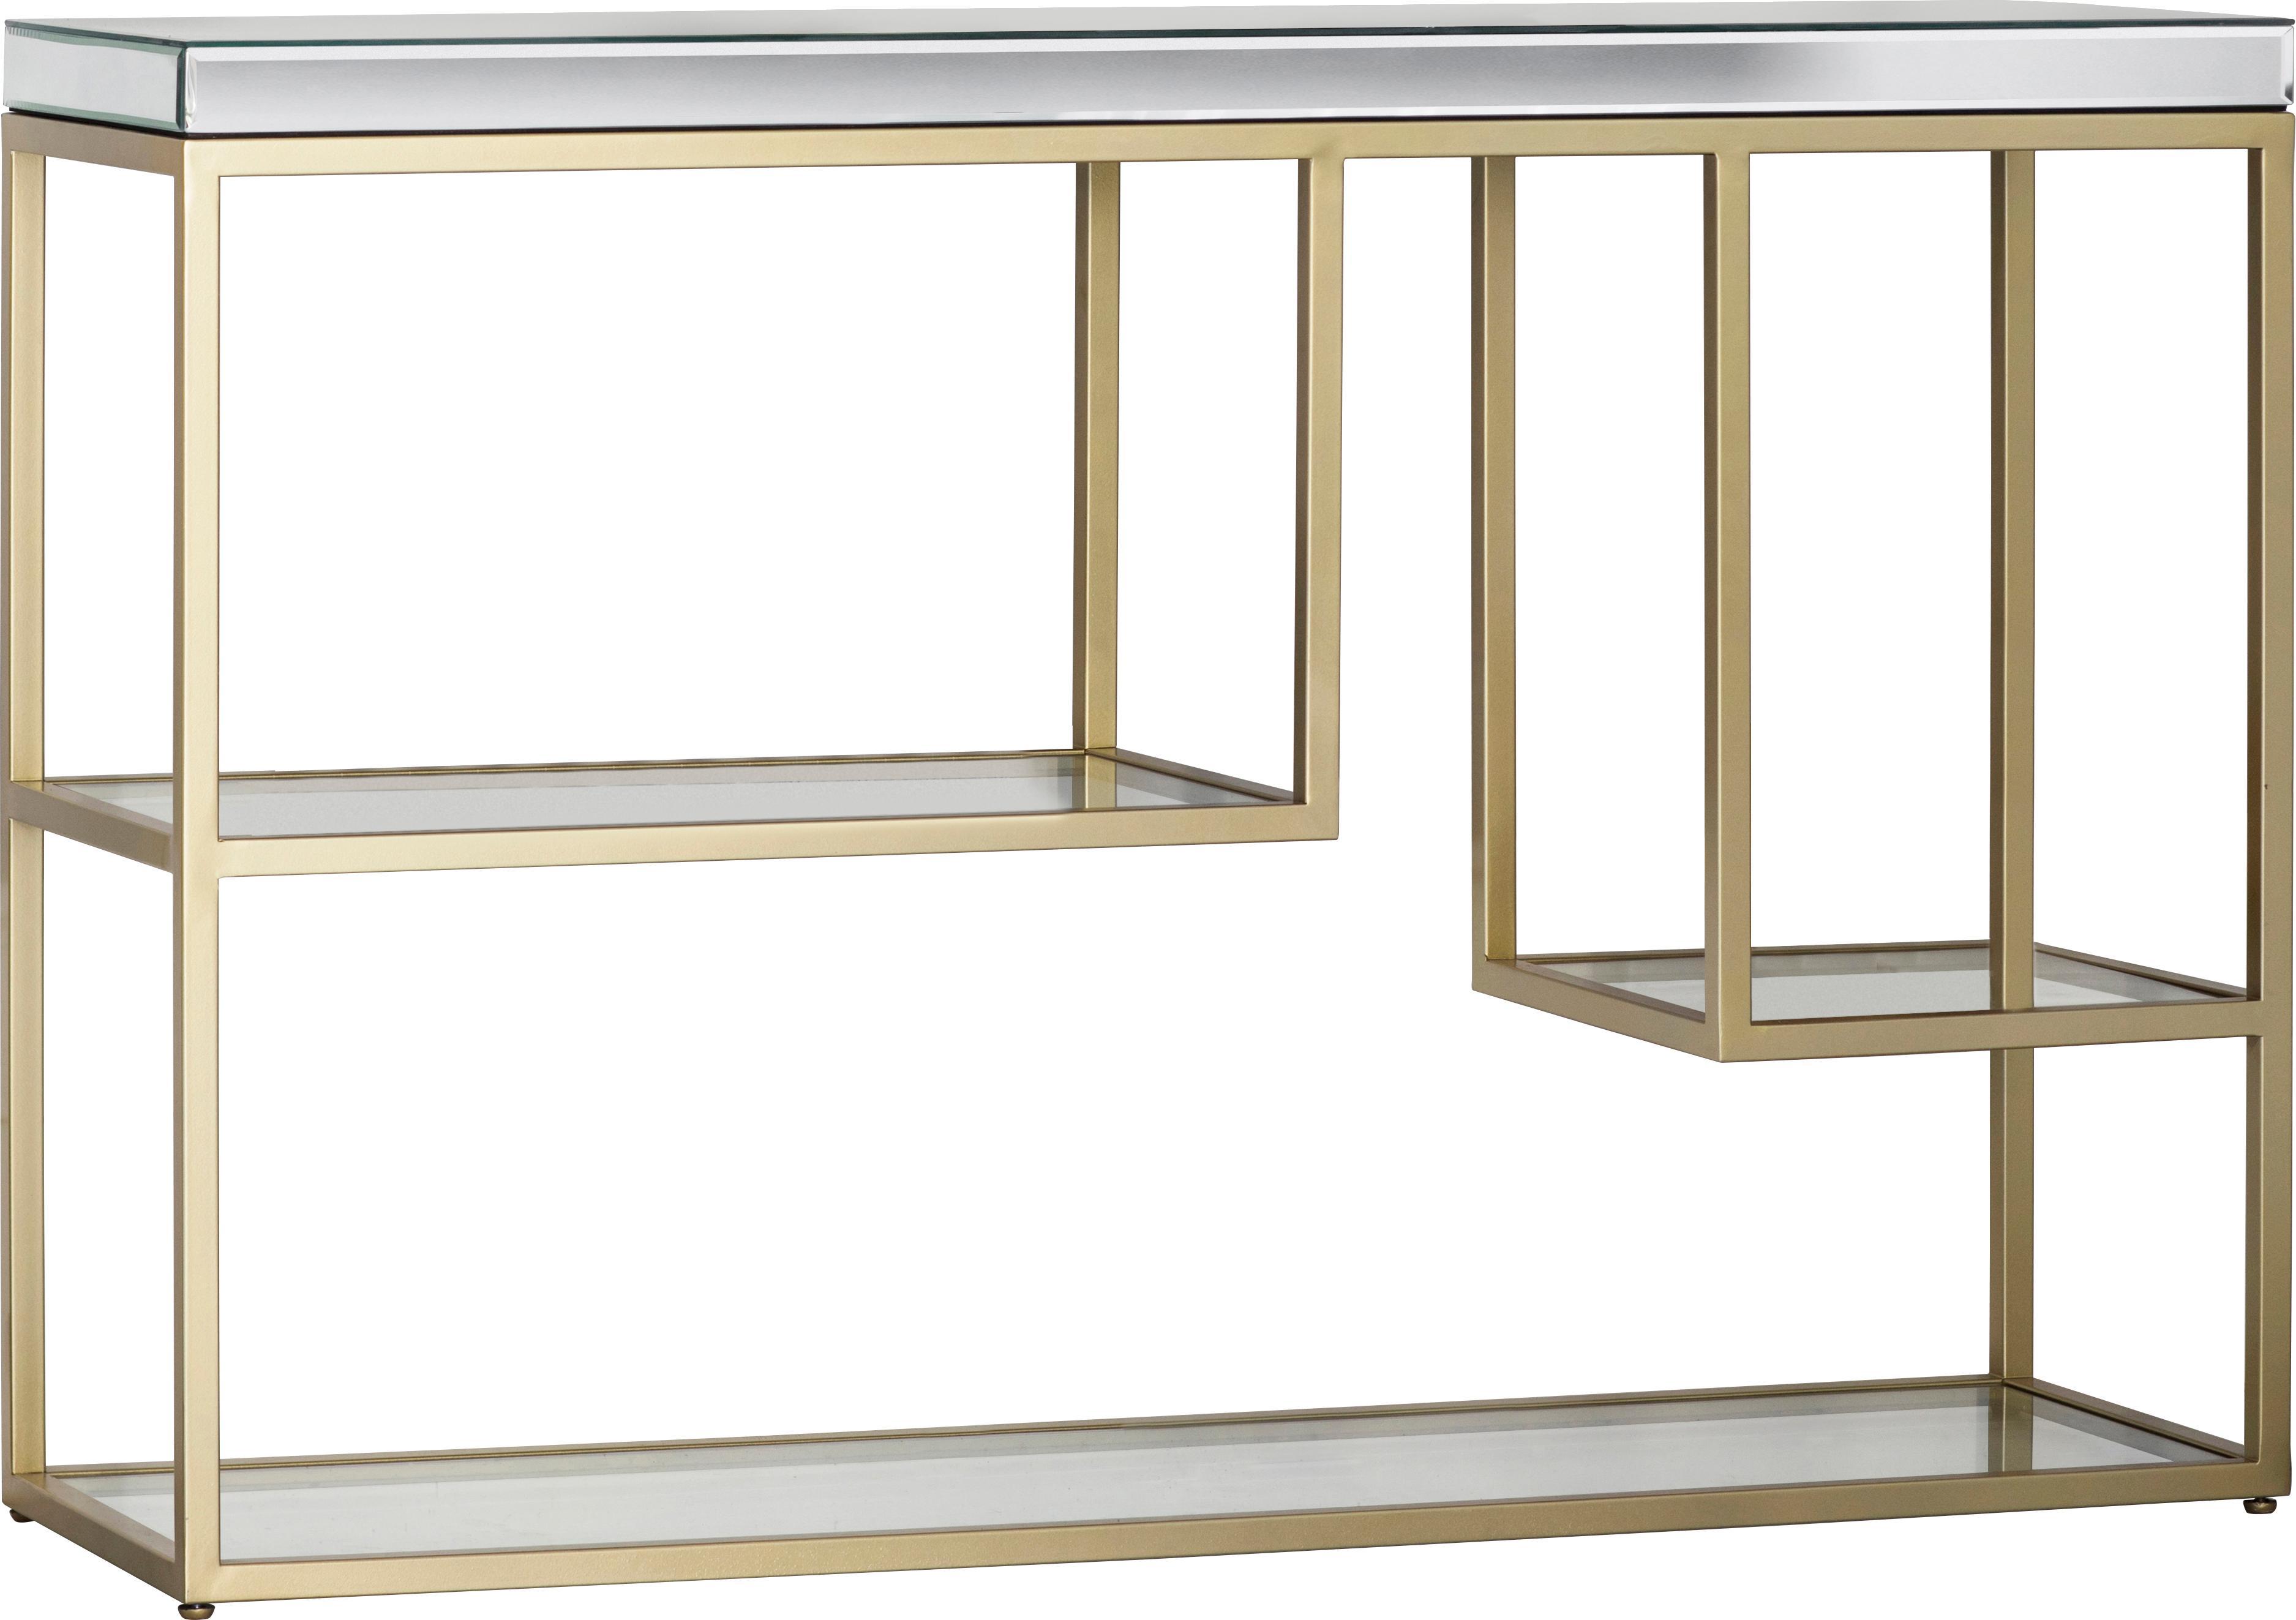 Konsola ze szklanym blatem i półkami Pippard, Stelaż: metal lakierowany, Odcienie szampańskiego, transparentny, S 120 x W 82 cm